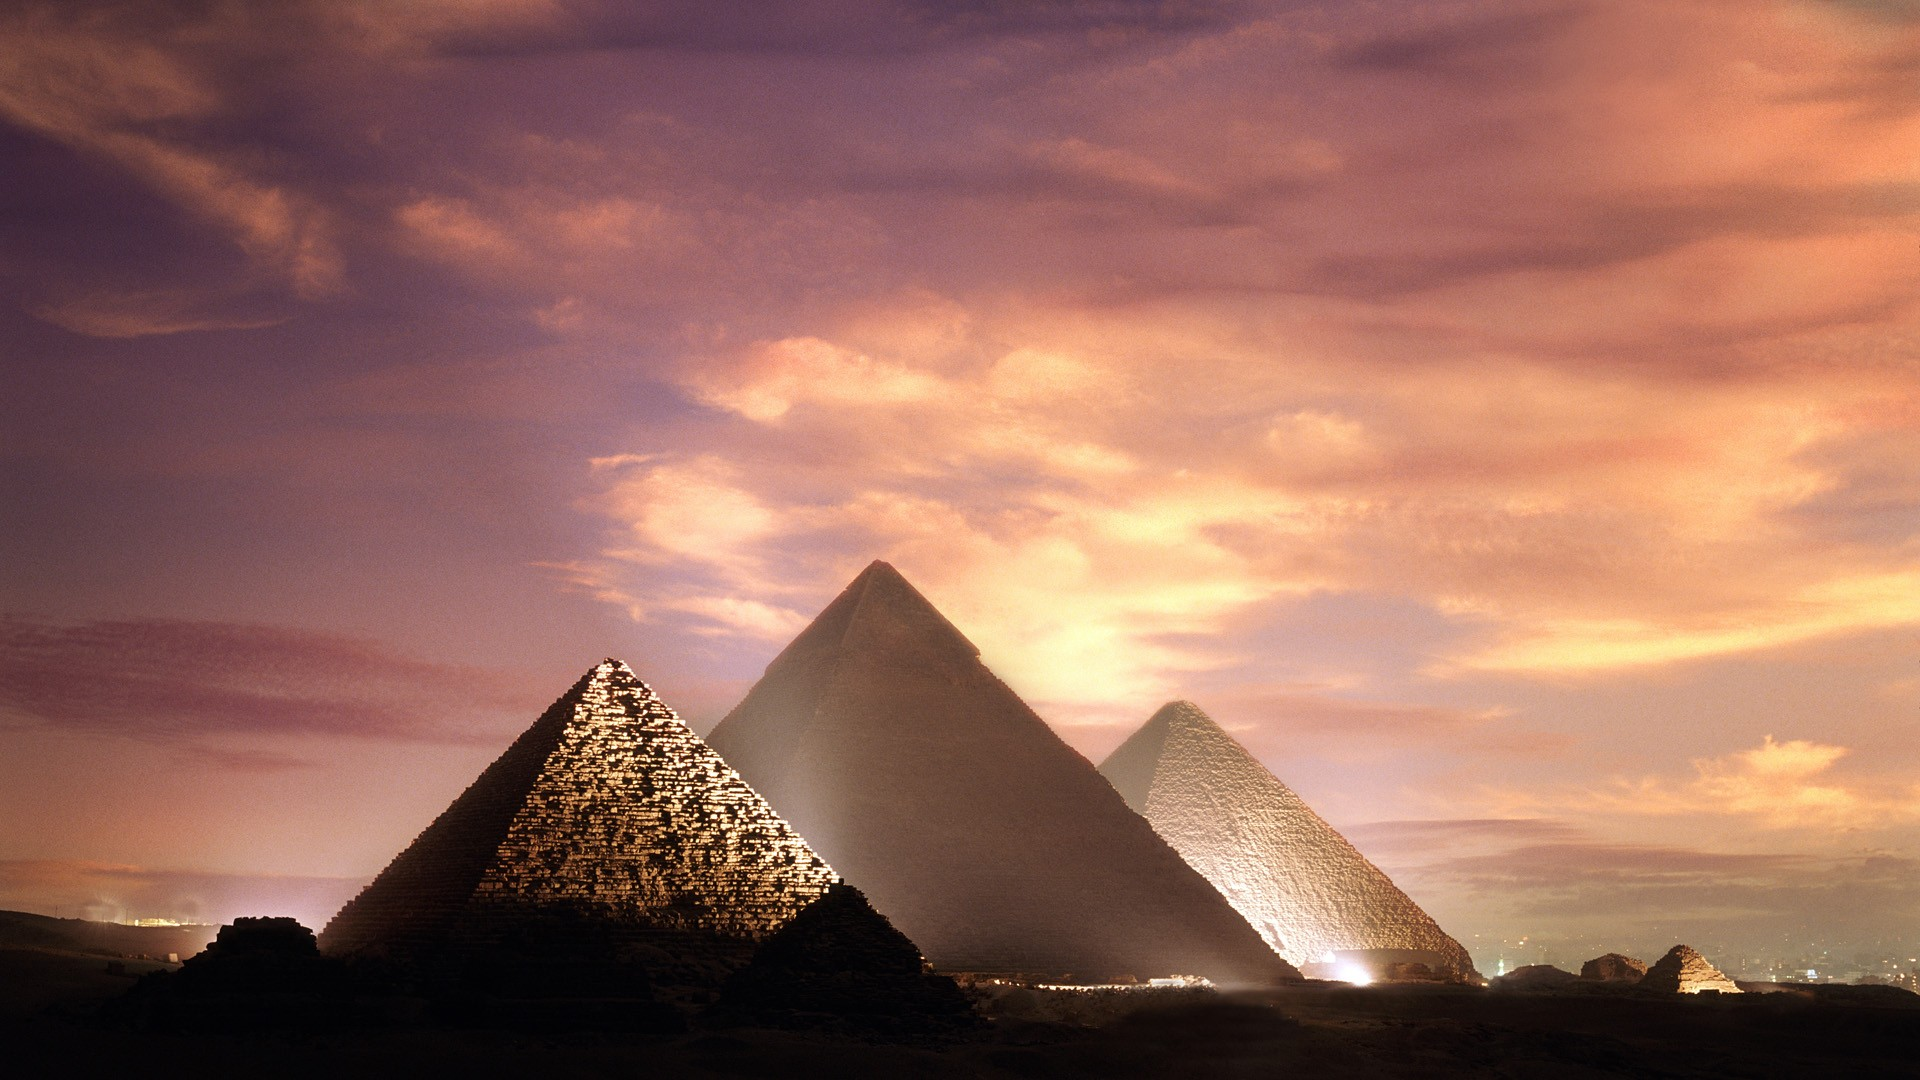 Pyramids.of.Giza.original.1743 - To no Cosmos